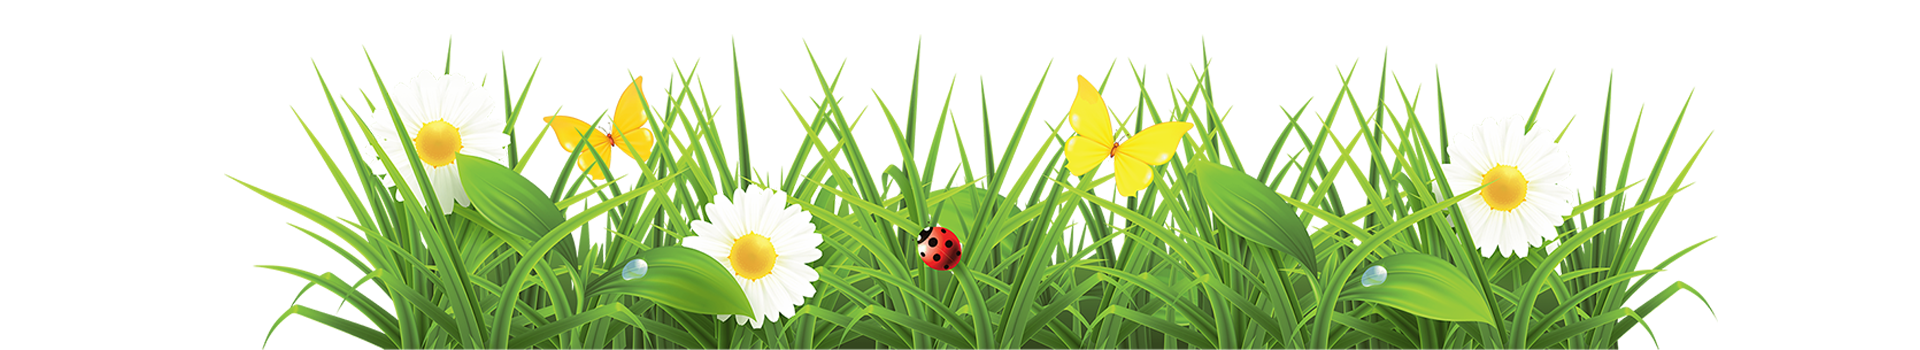 Spring flower banner clipart vector library stock Os meus tratamentos – Nicajoaninha vector library stock